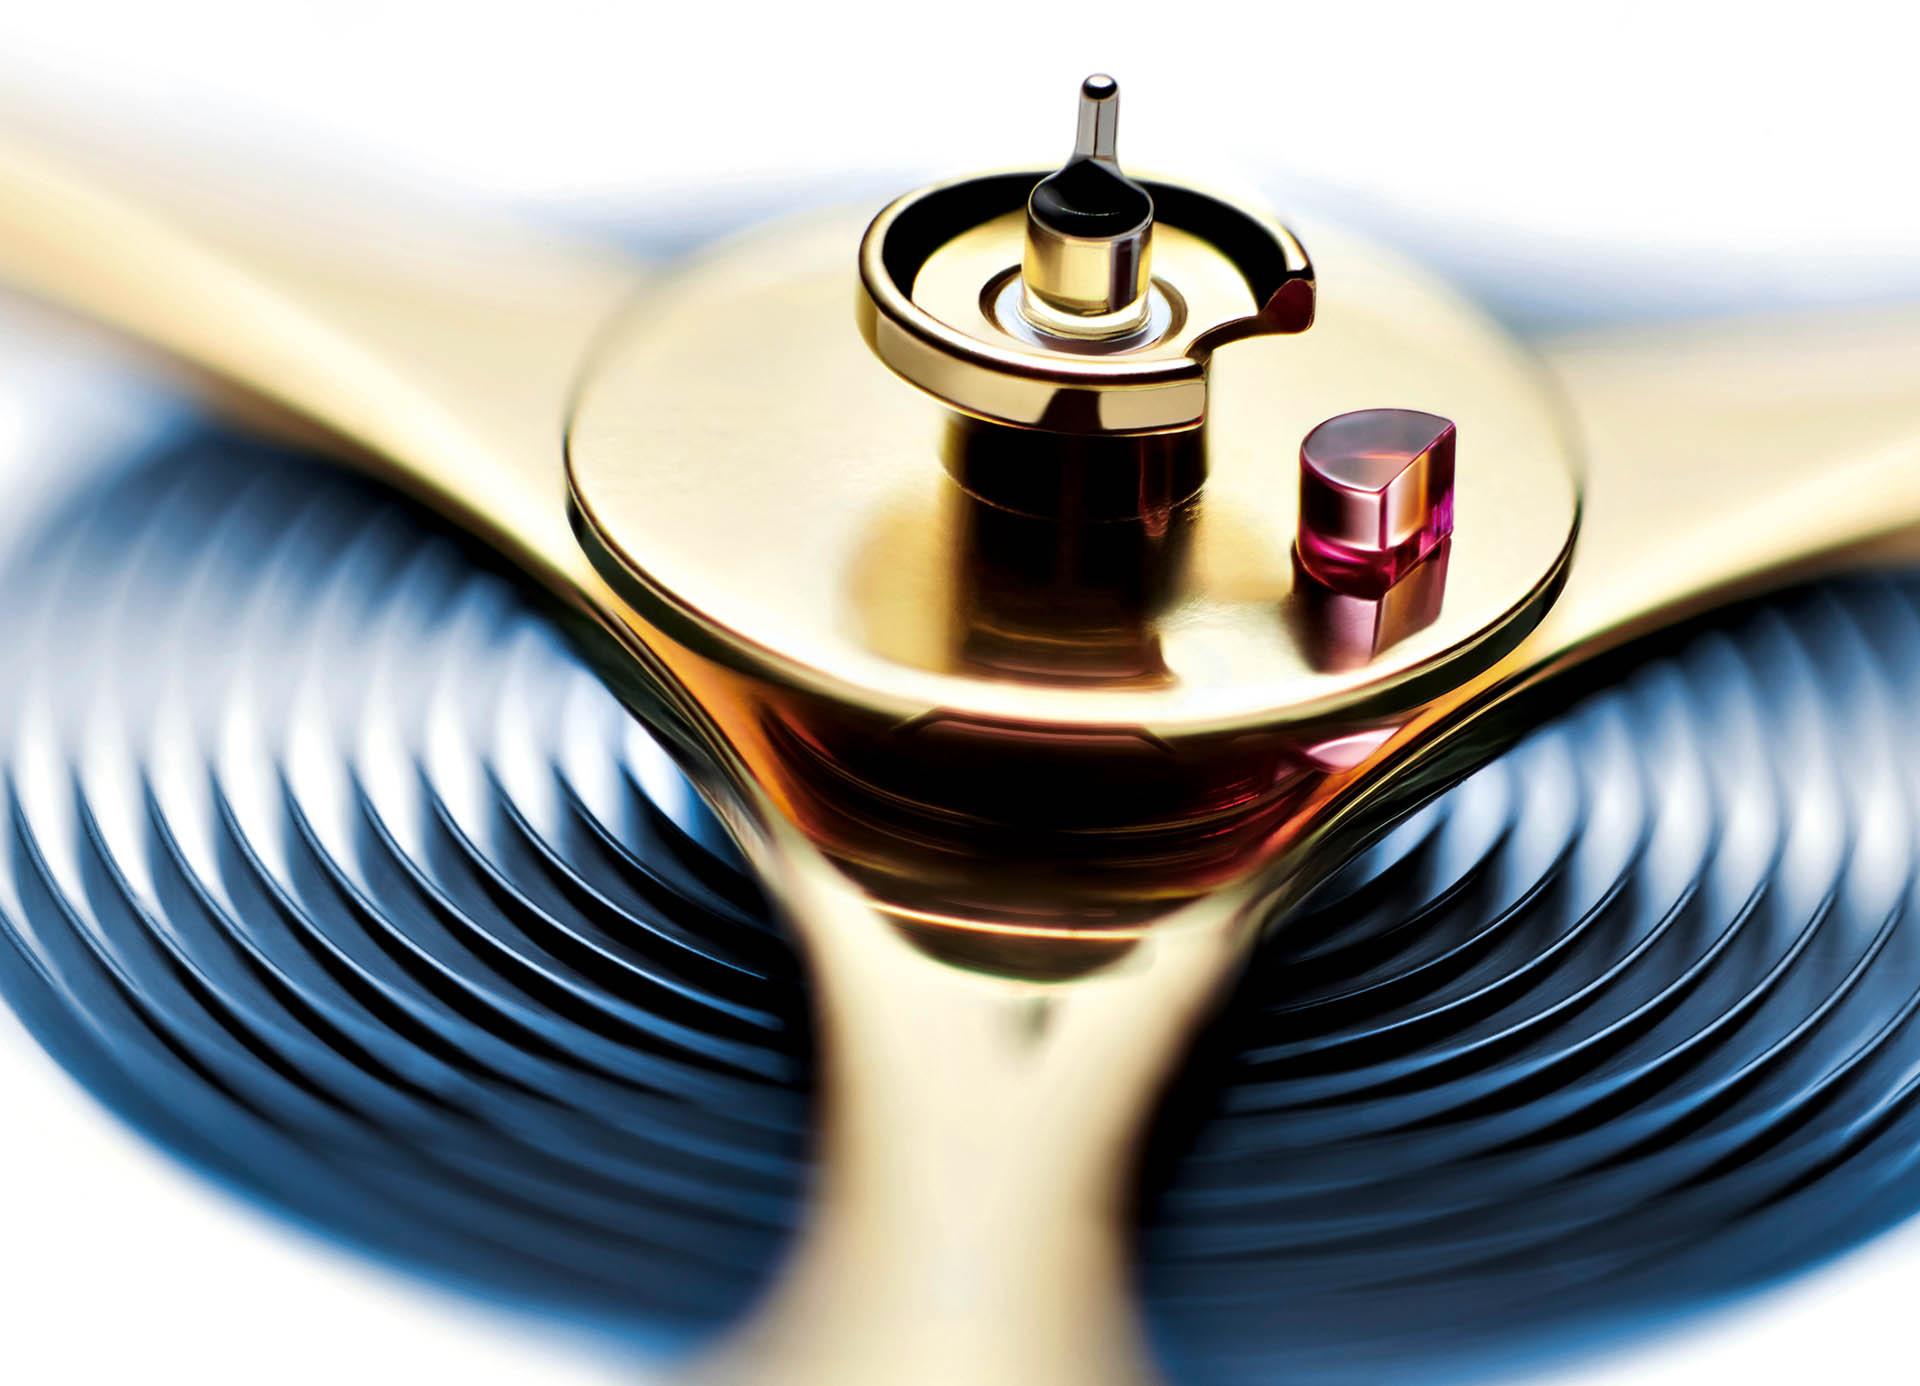 Aus den Ateliers von Nomos Glashütte: fertige Unruh mit montierter Spirale